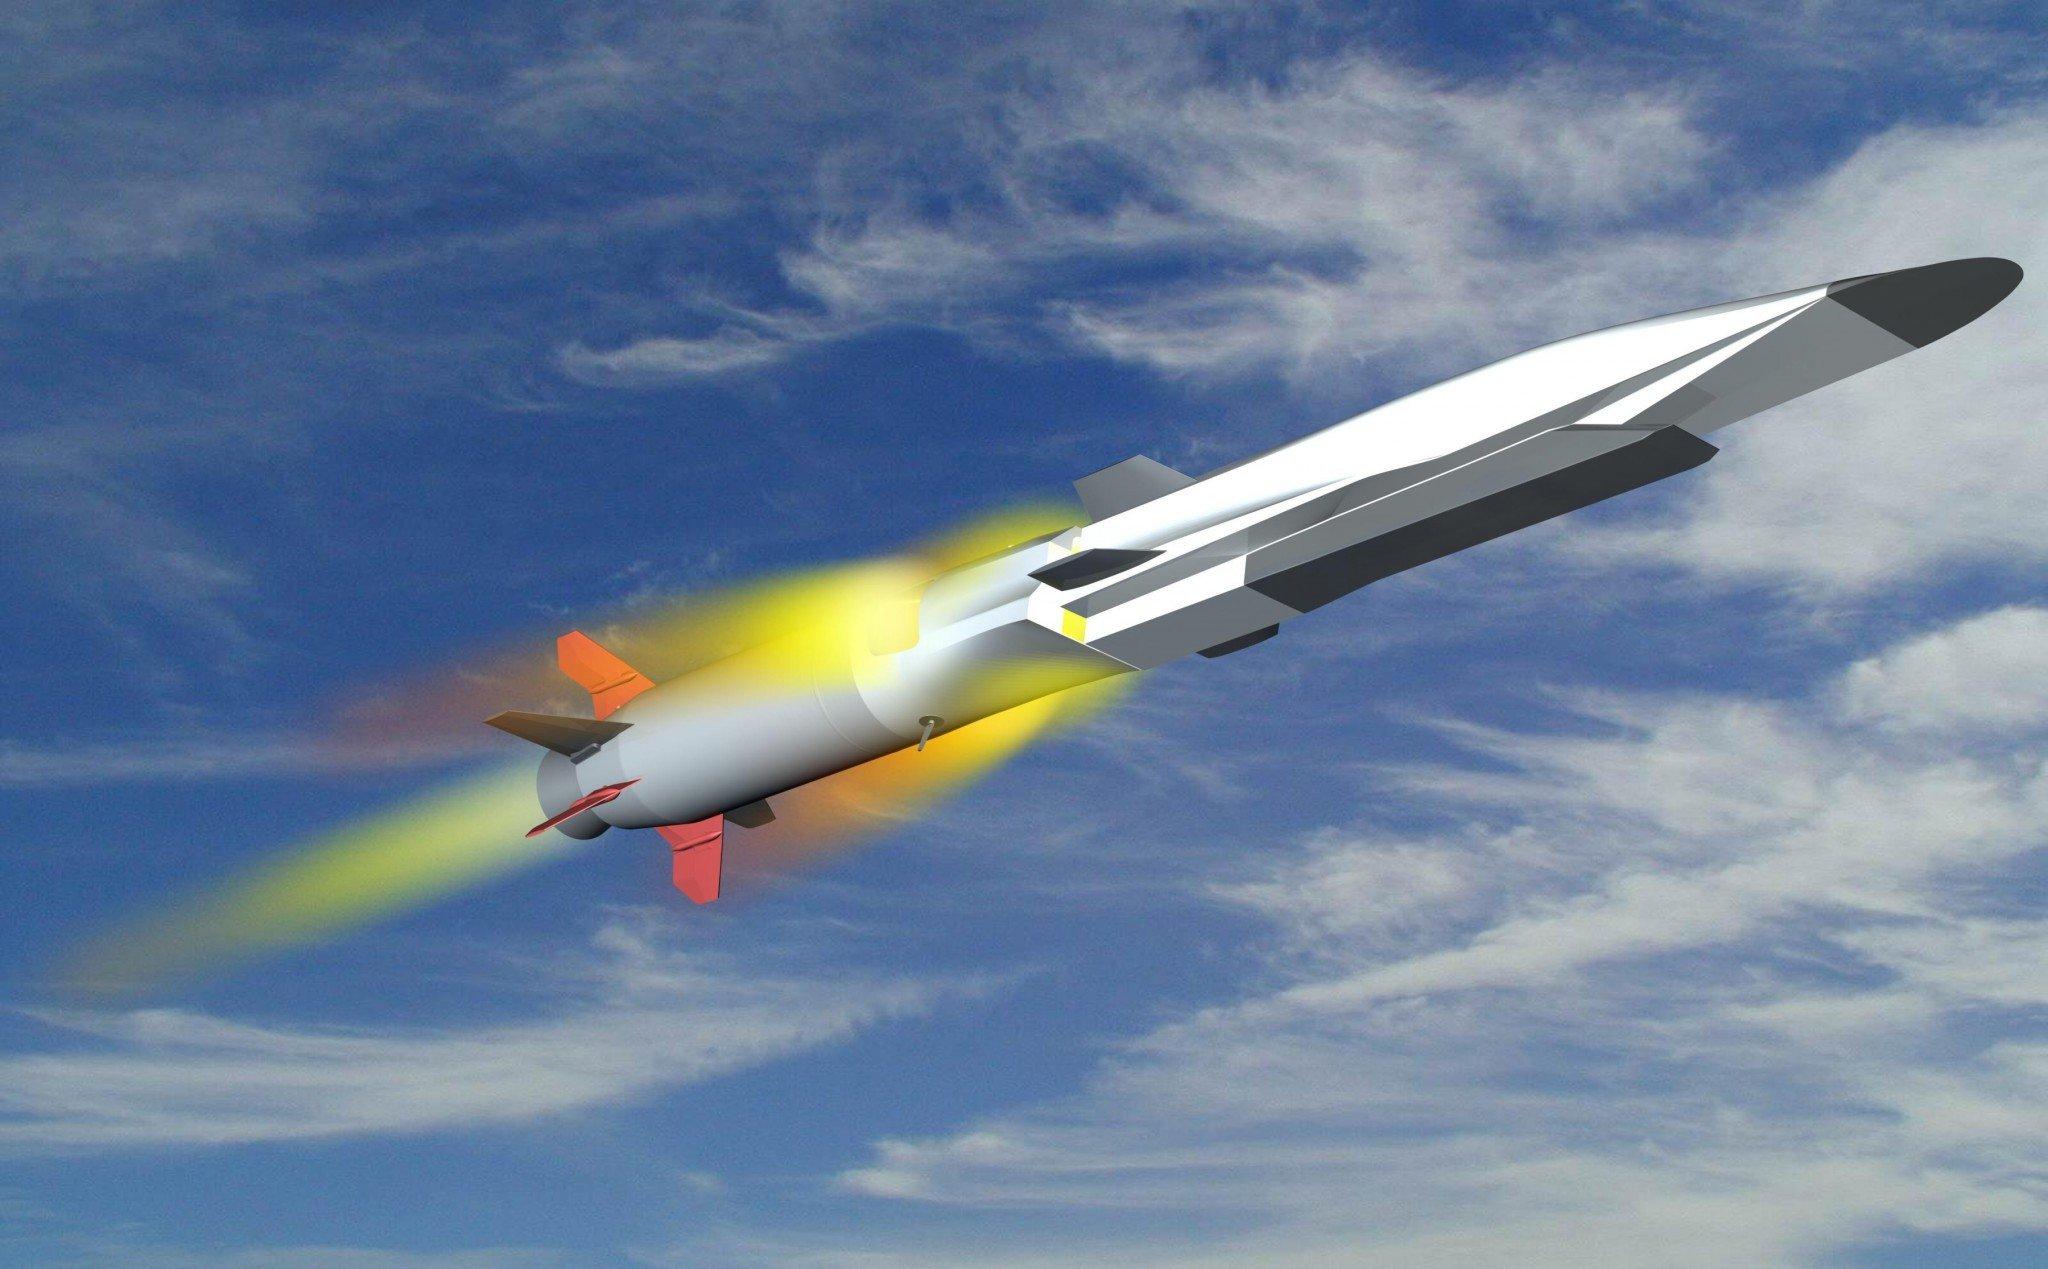 США неотстают от РФ  иКитая вразработке гиперзвукового оружия— CNBC